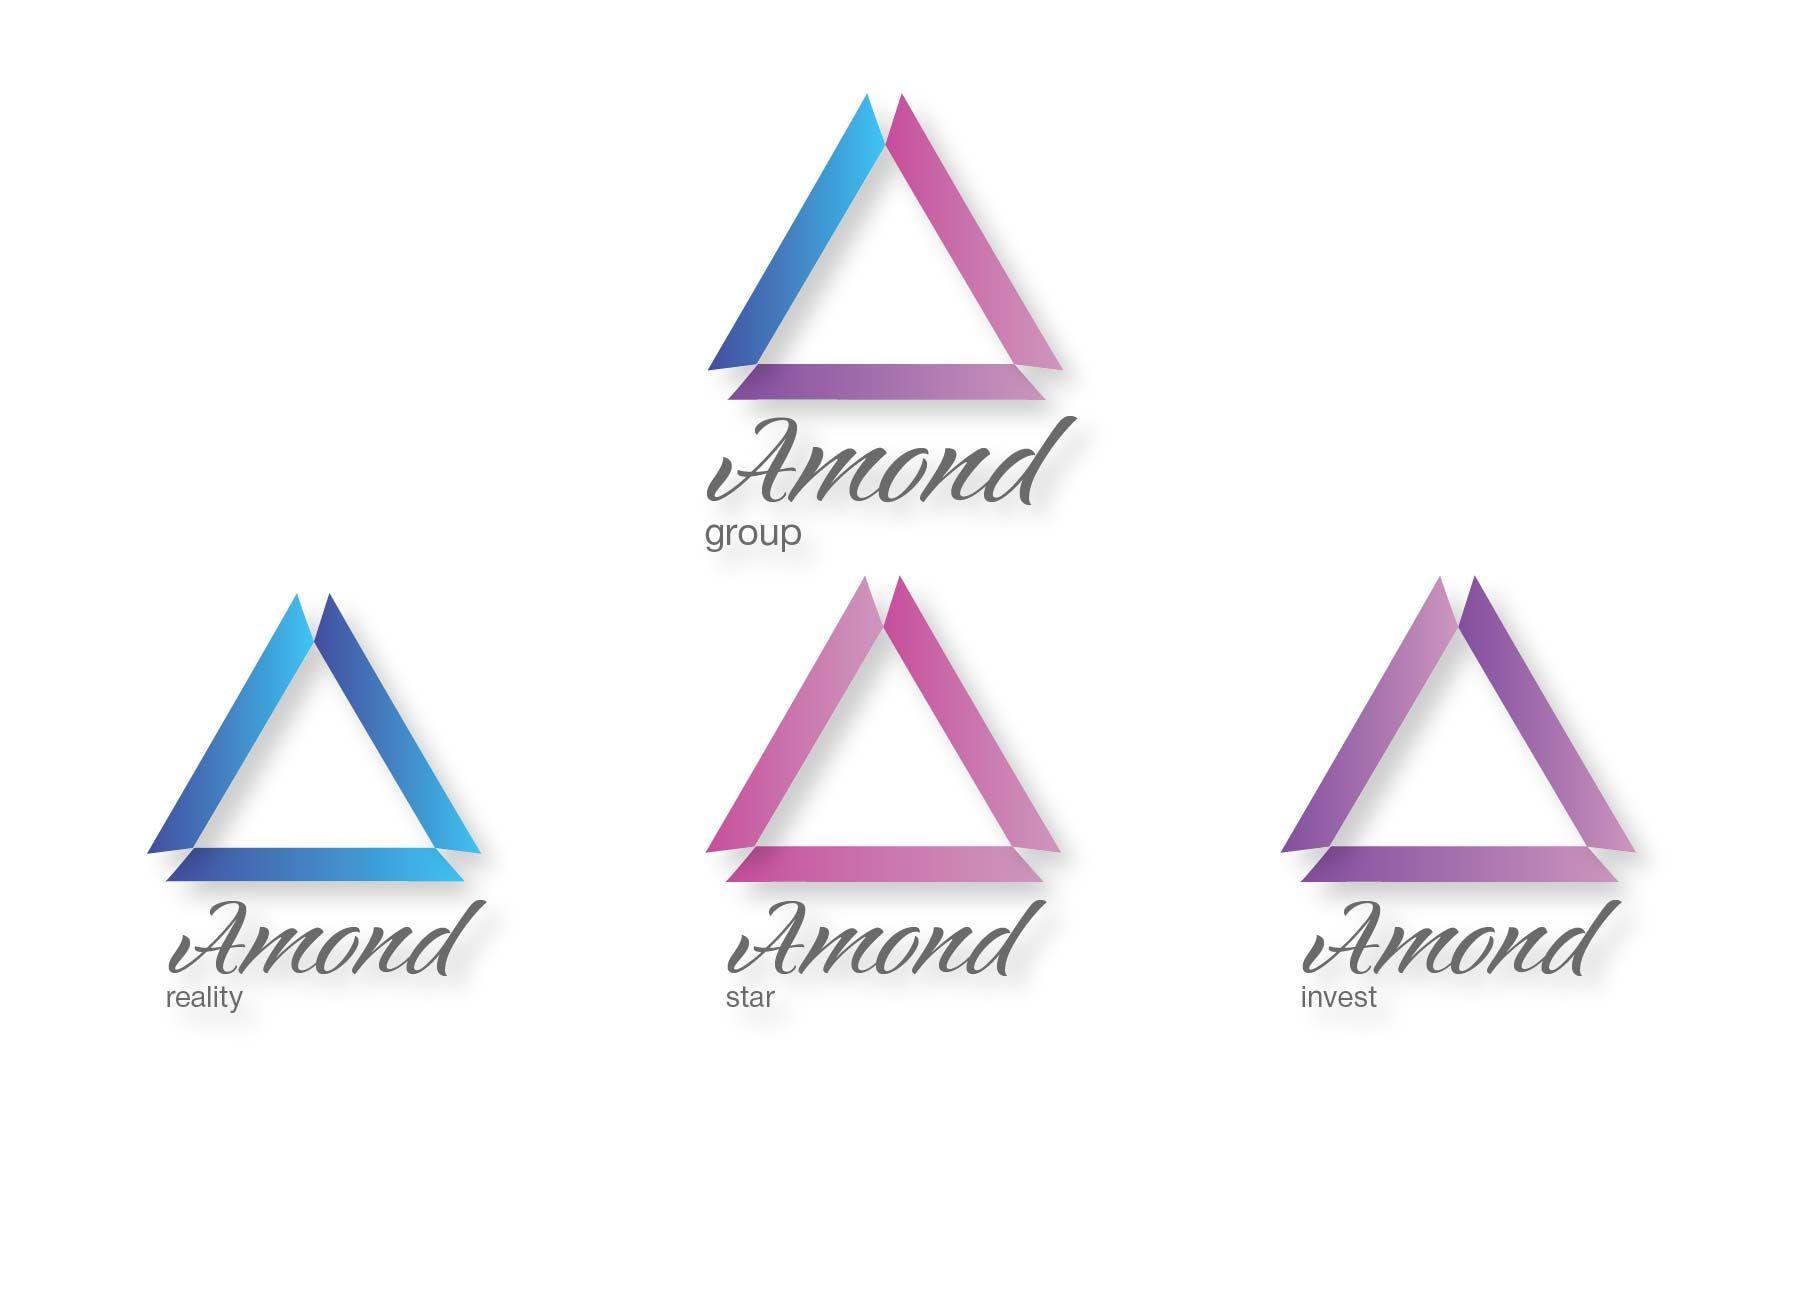 Логотип для группы компаний  - дизайнер designeveryday1